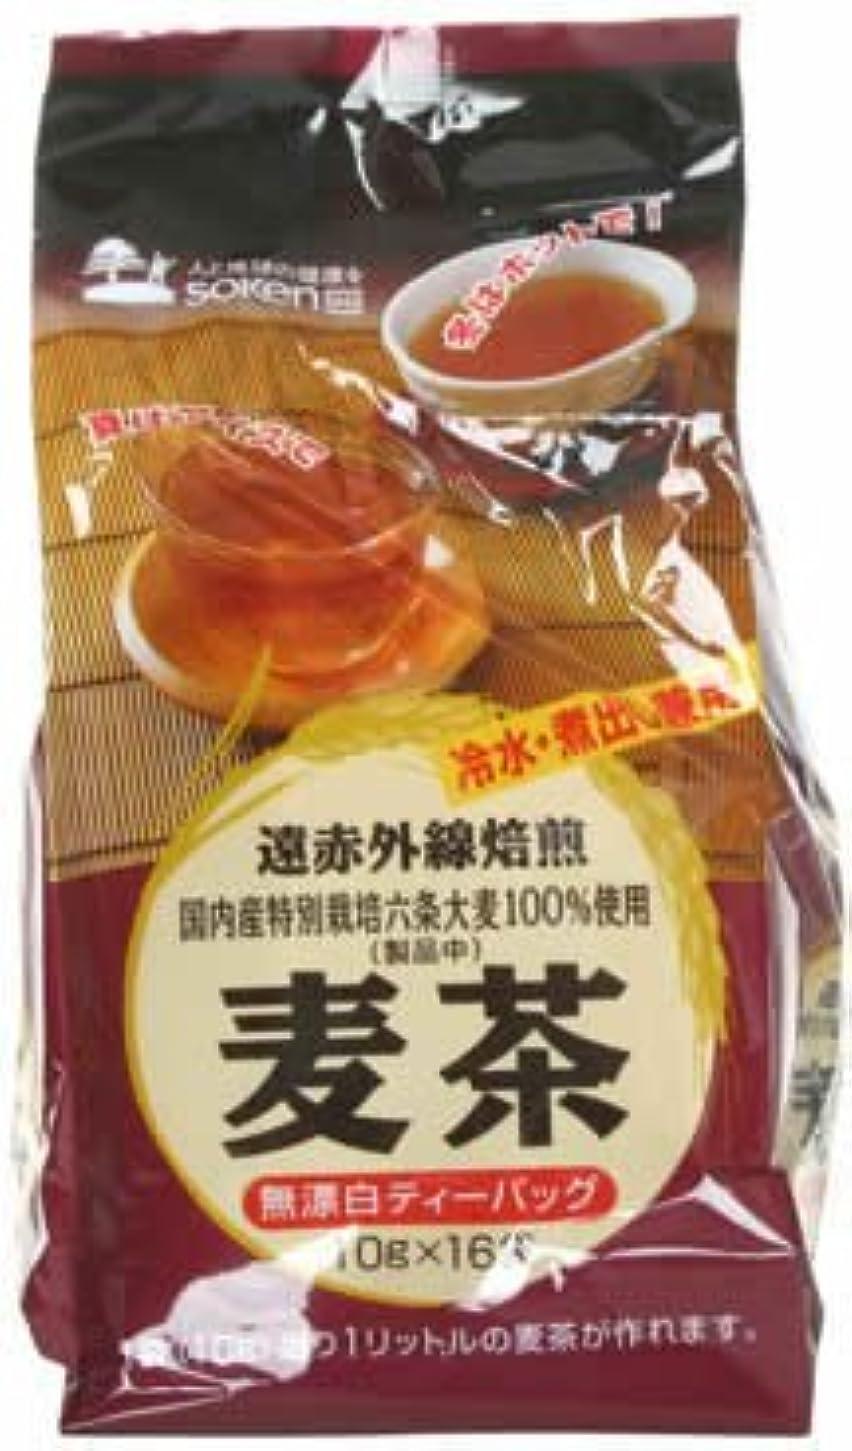 愛するシニス平野創健社 遠赤外線焙煎 麦茶(国内産六条大麦100%) 10gx16袋